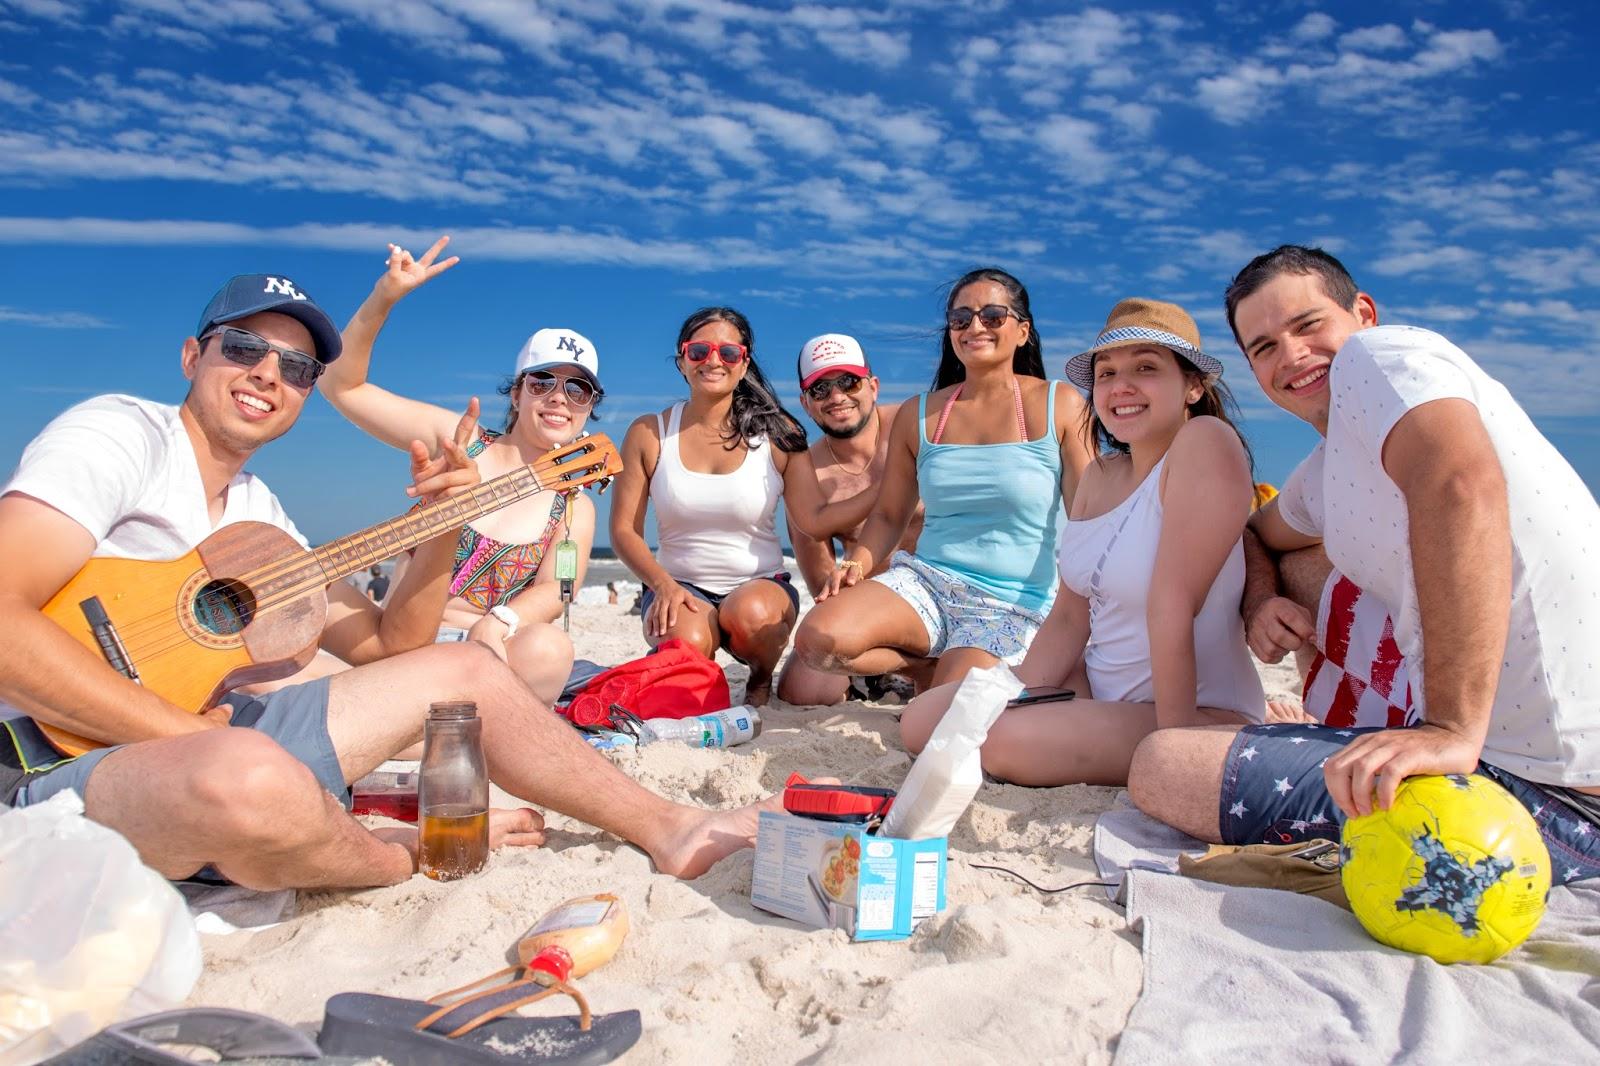 Semi Charmed Beach Day